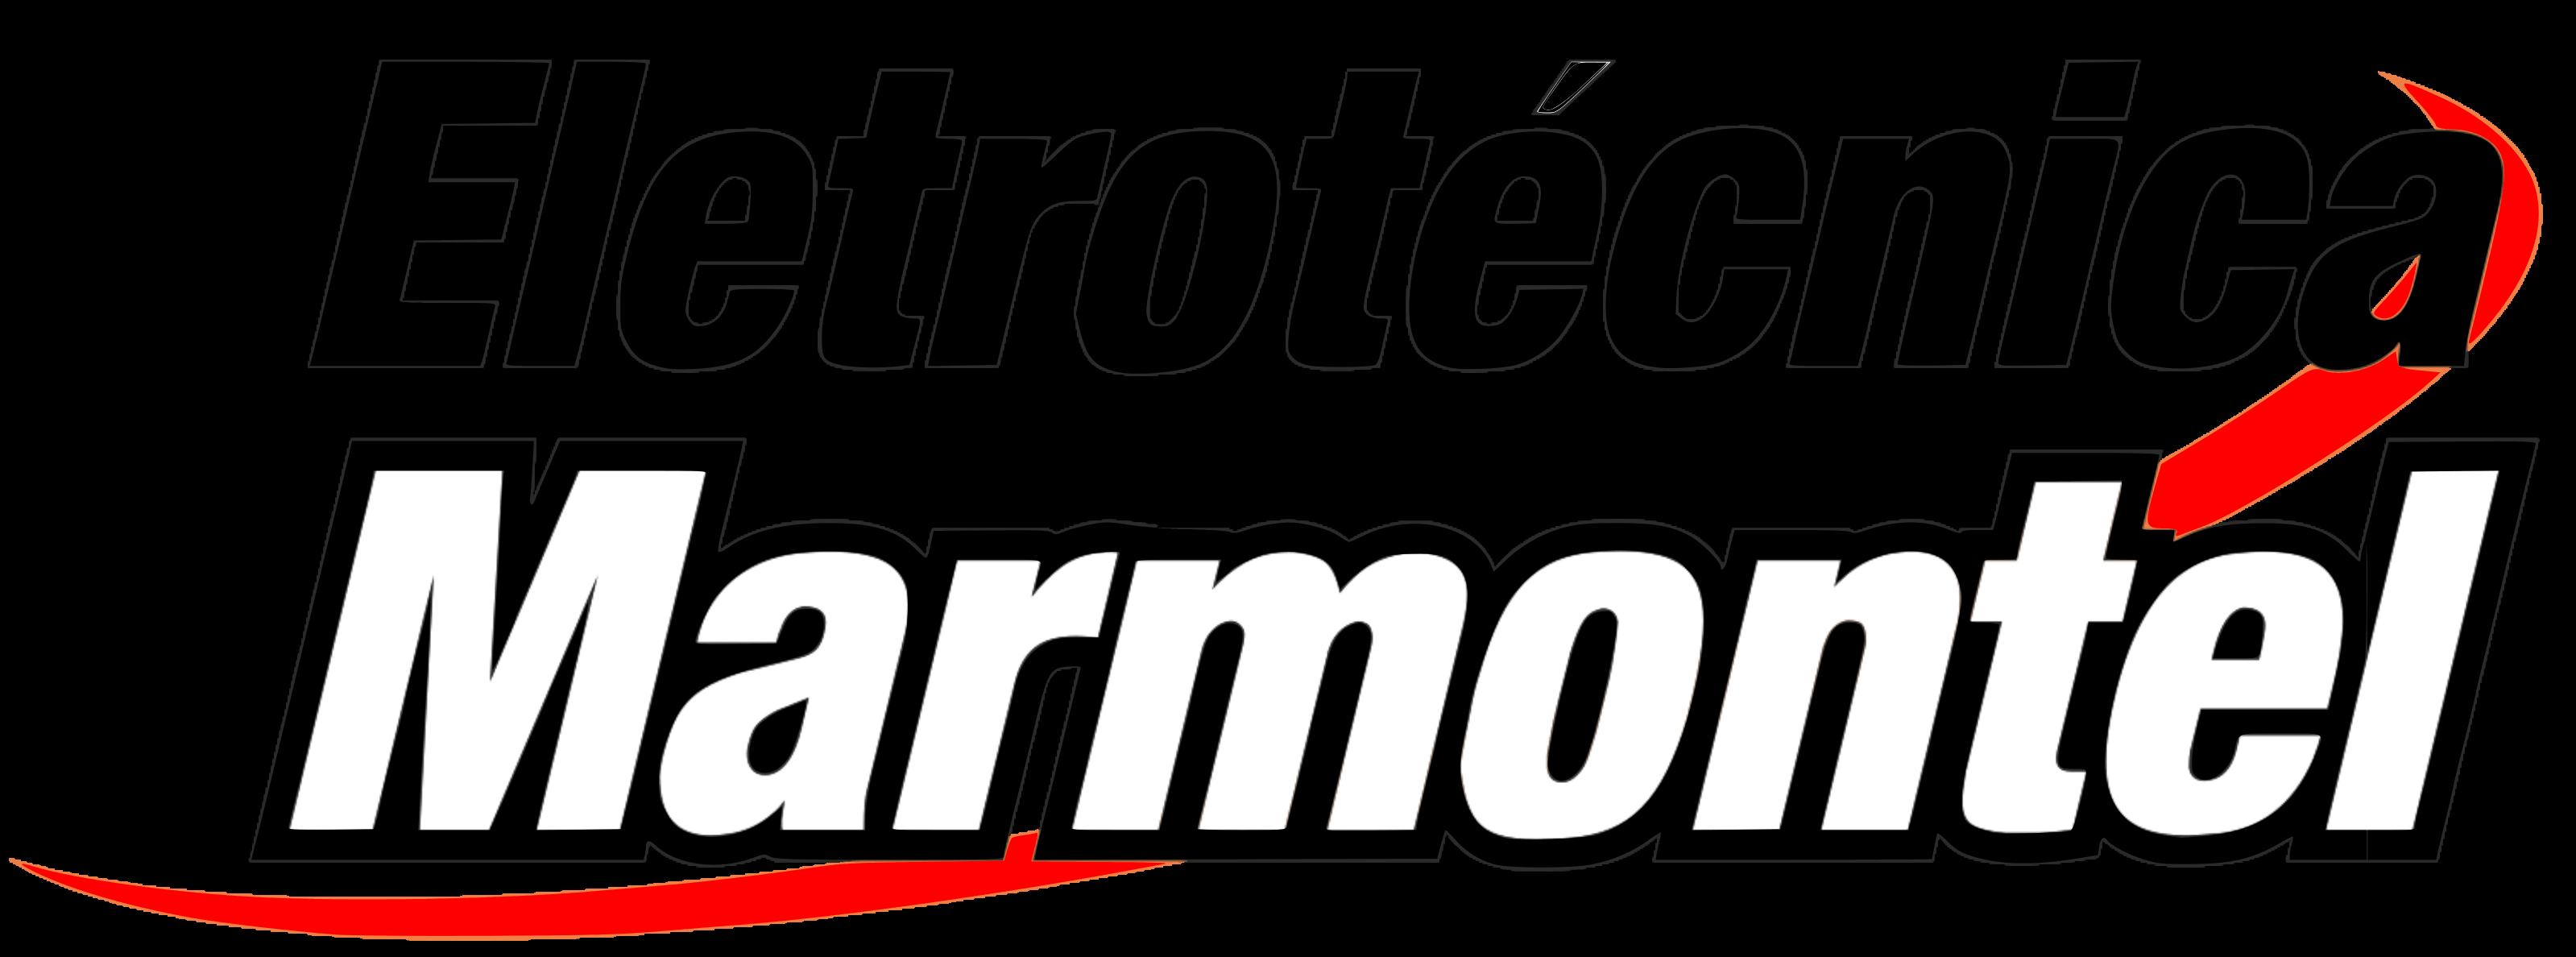 Locação & Manutenção de Geradores - Eletrotécnica Marmontel